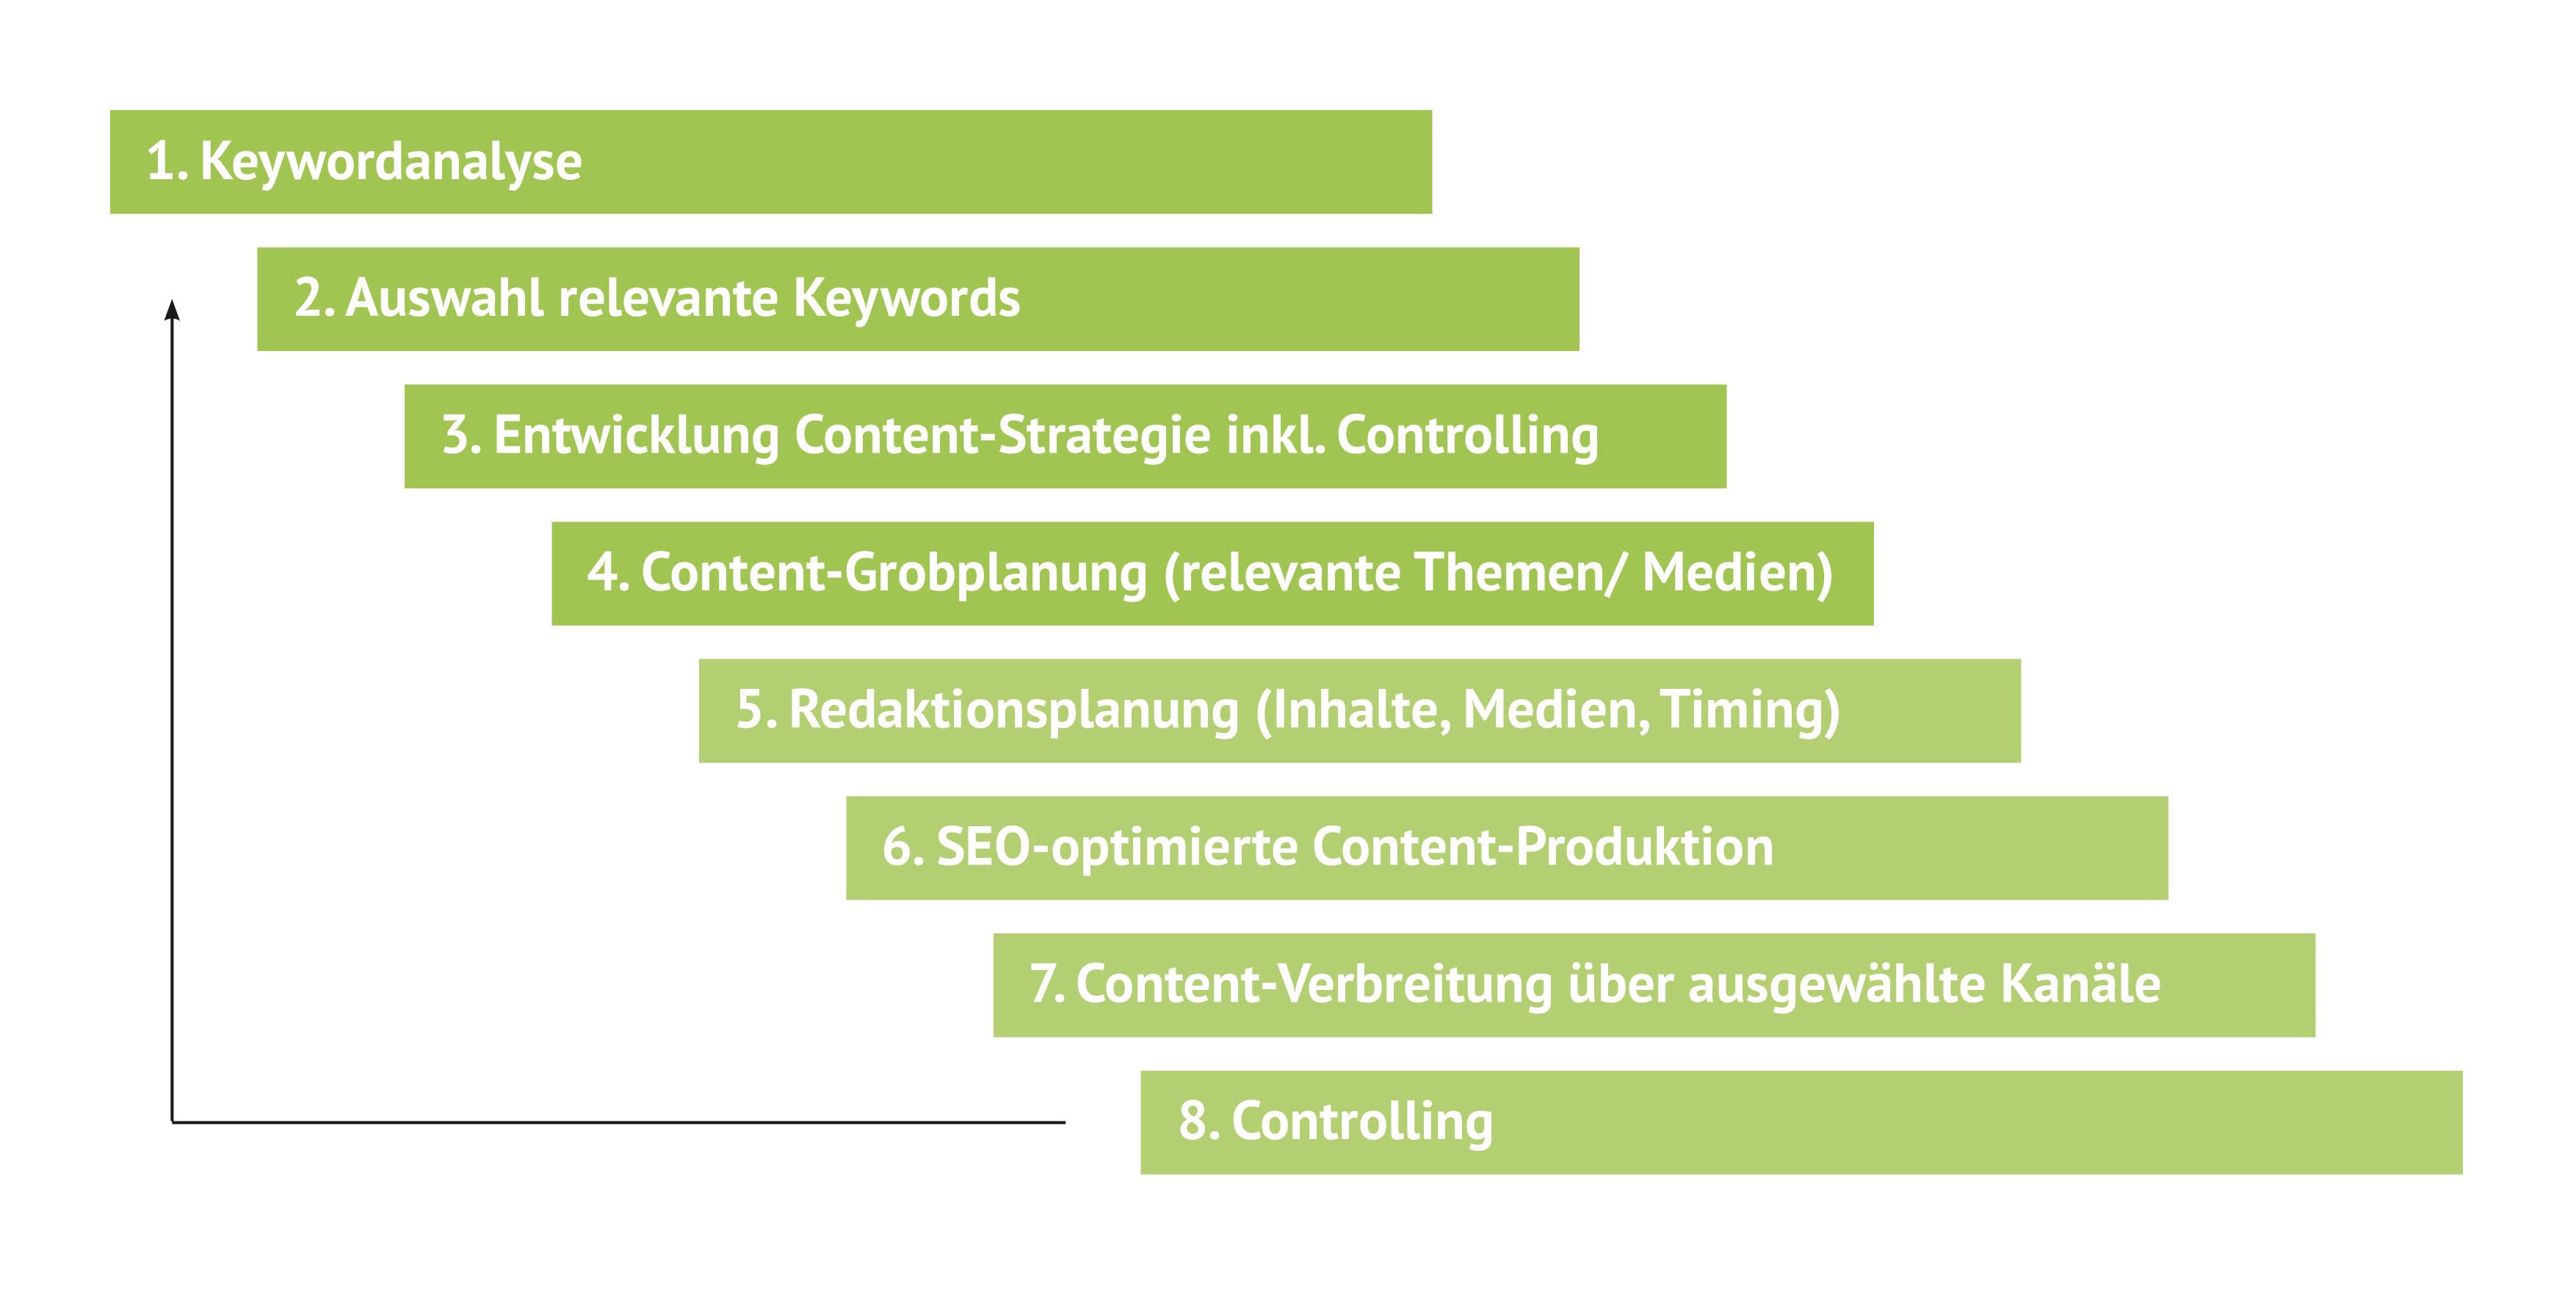 Der Content-Prozess in 8 Schritten